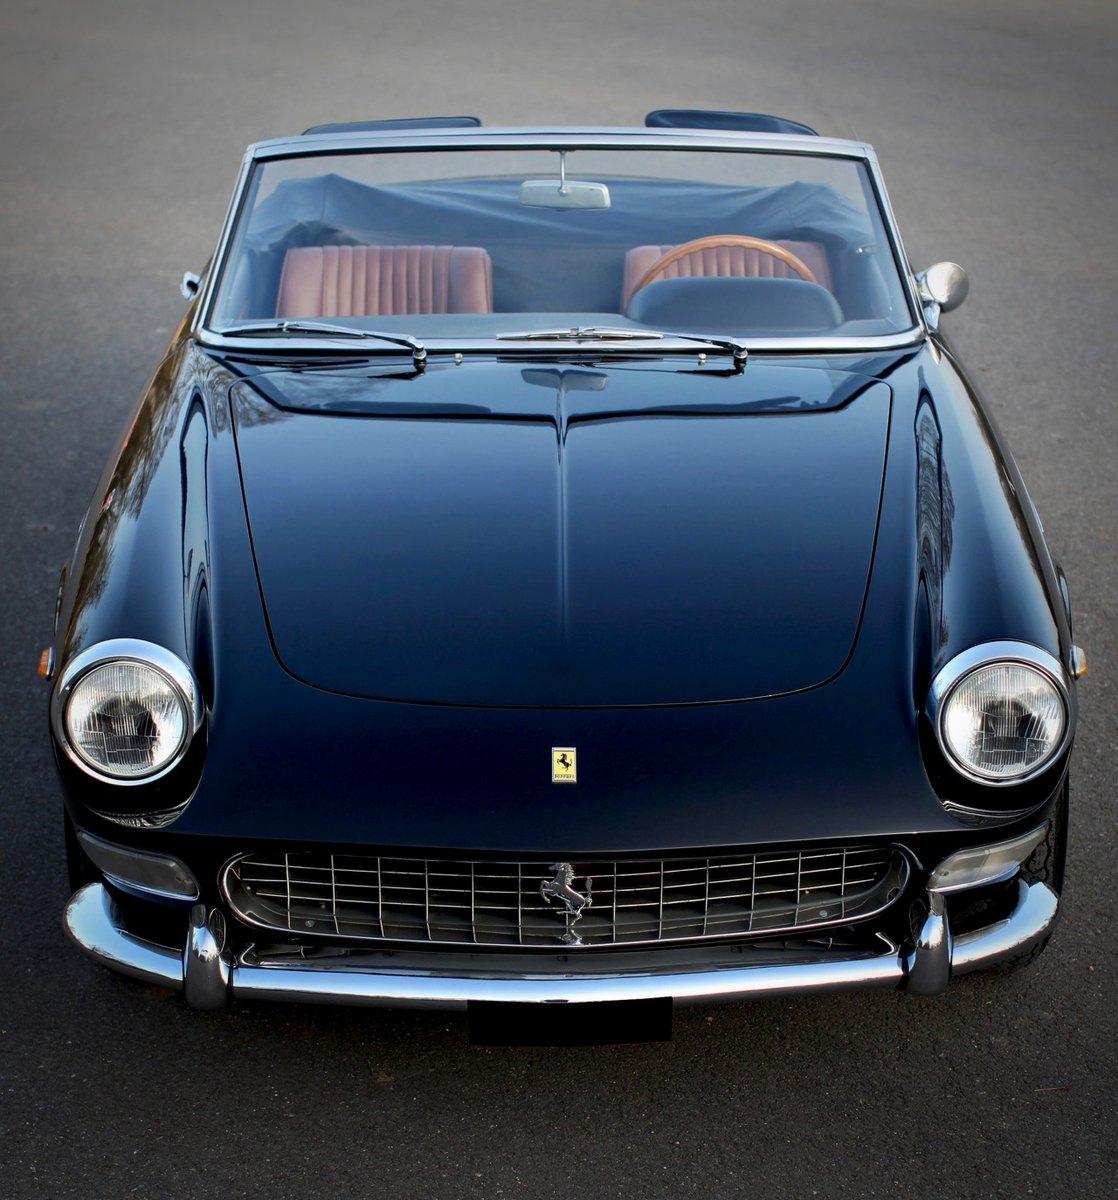 Lienhard Racing Photography On Twitter 1966 Ferrari 275 Gts Roadster Eines Von Nur 200 Produzierten Exemplaren Originalfarbe Argento 20265a Mit Pelle Bleu By Auxietre Schmidt Https T Co 9rzxtnhtbu